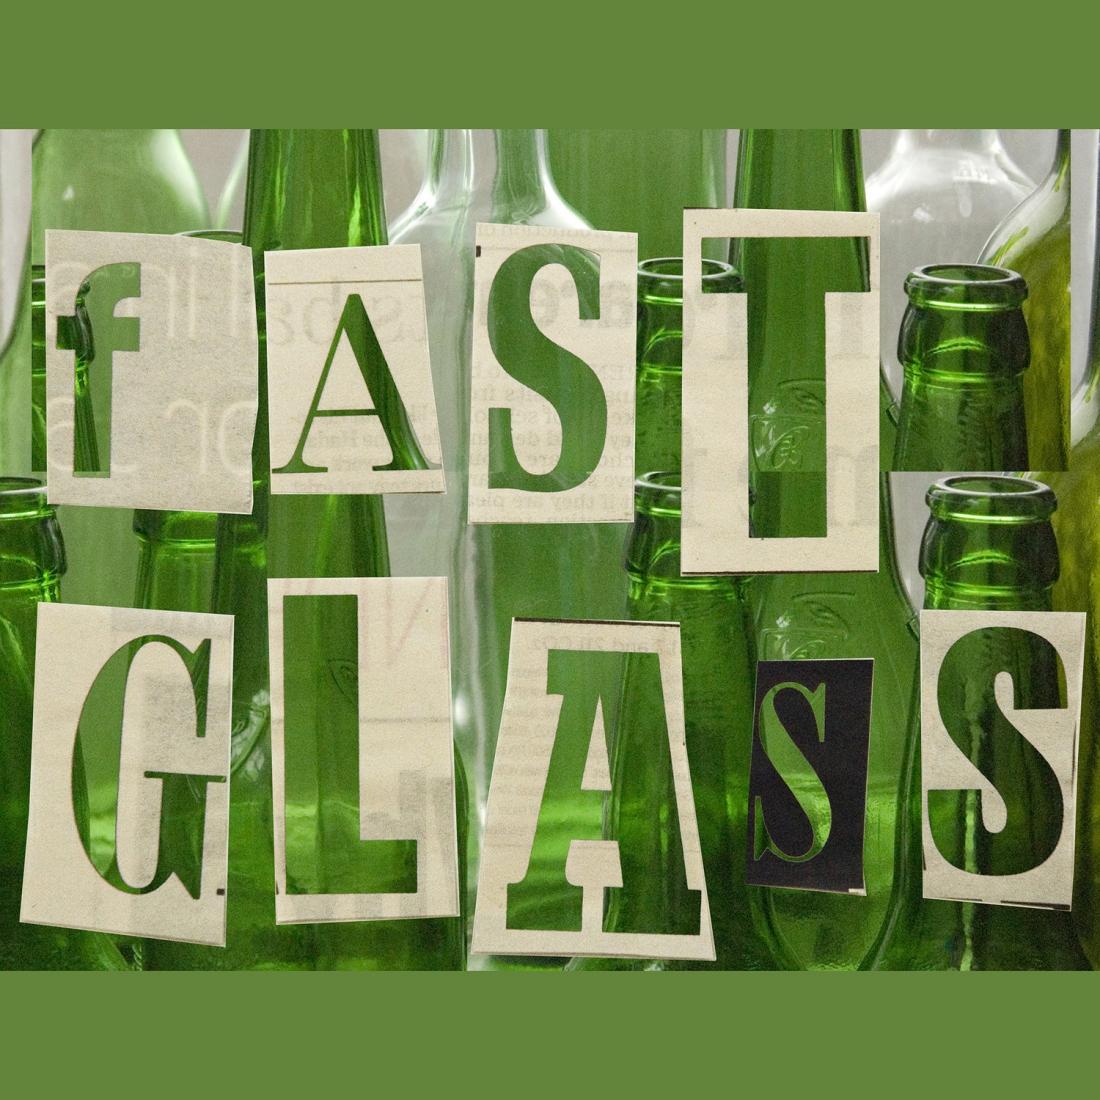 Ella Doran - Fast Glass